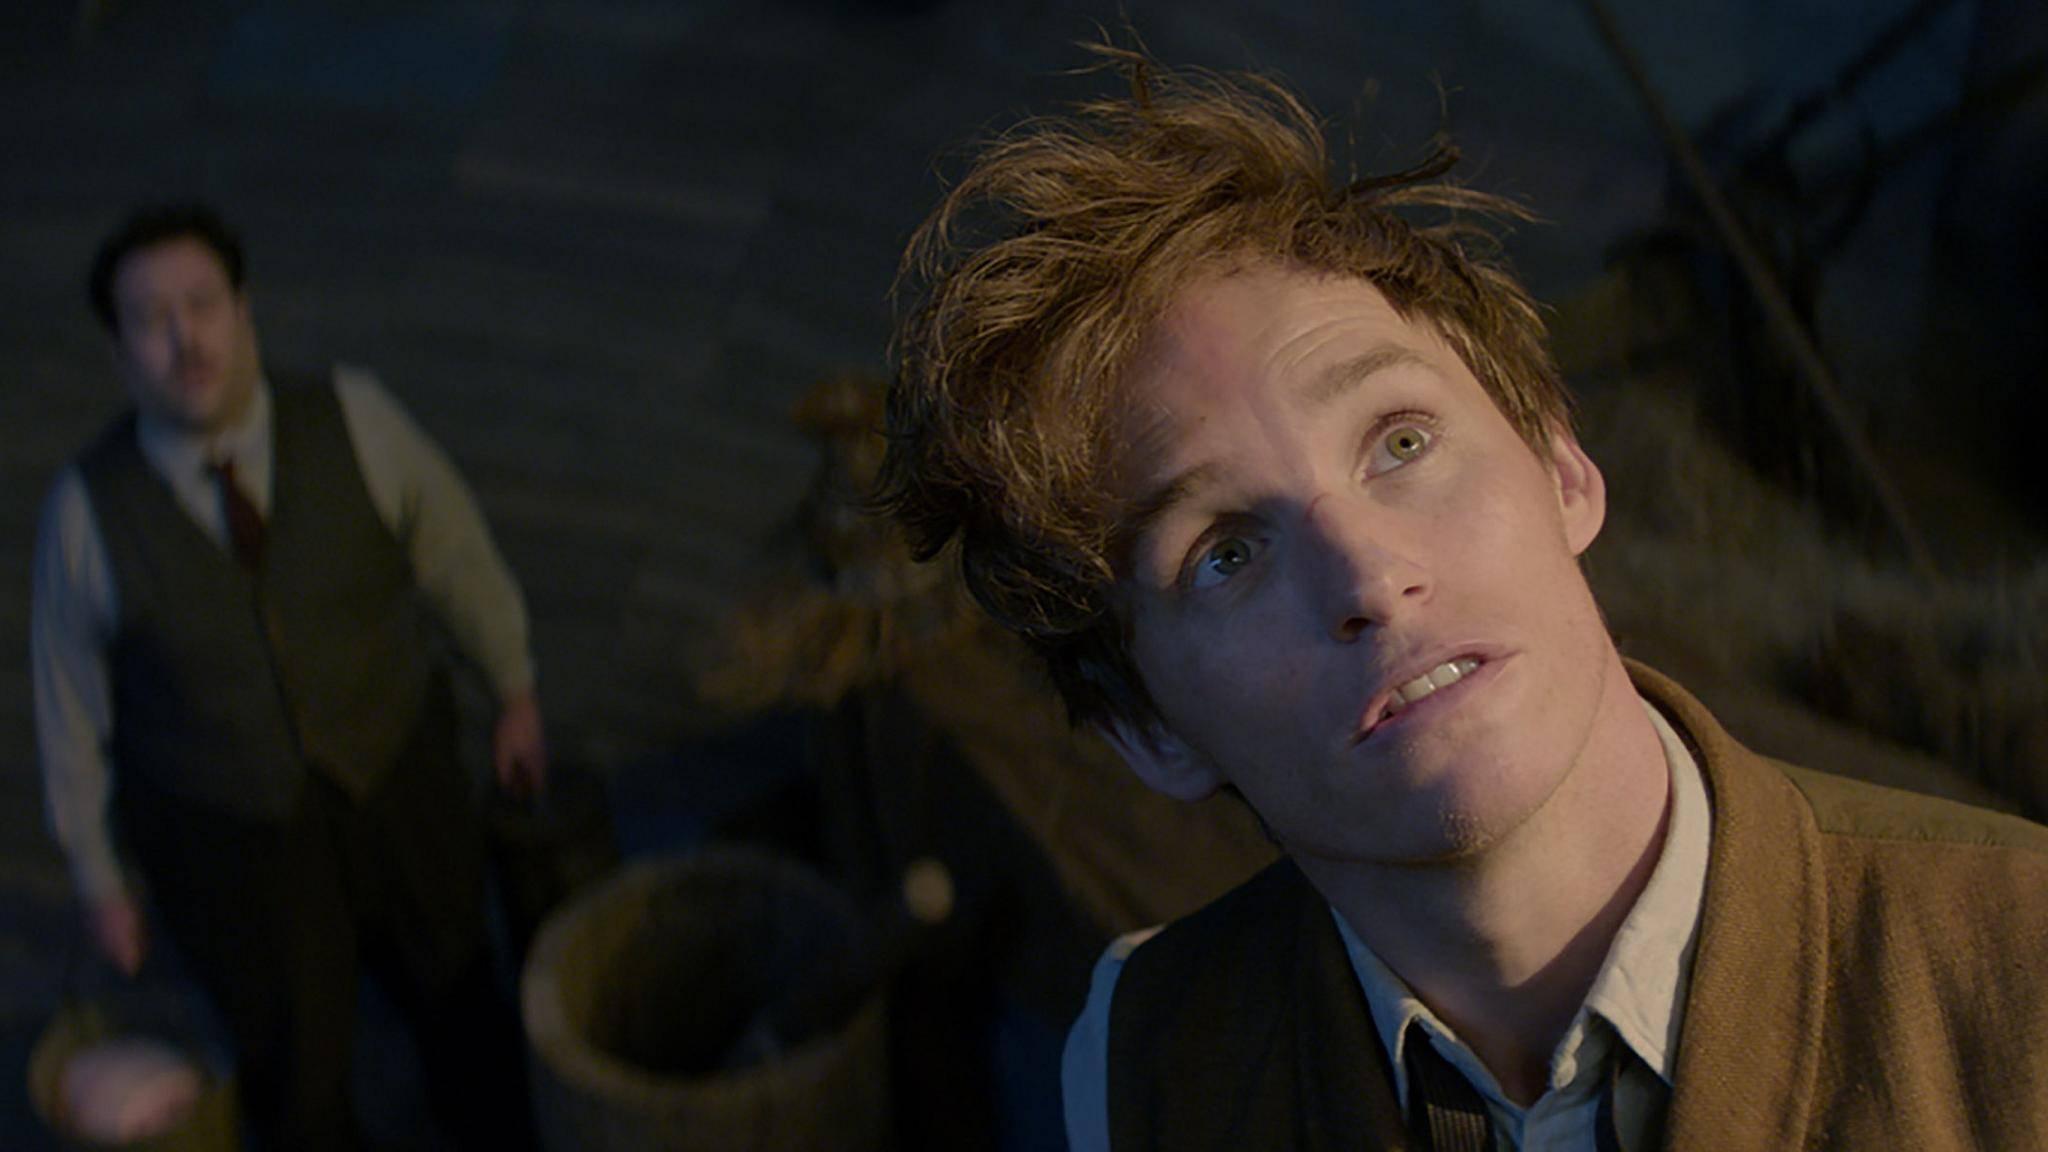 Auch der junge Newt Scamander (Eddie Redmayne) war offenbar für Überraschungen gut.